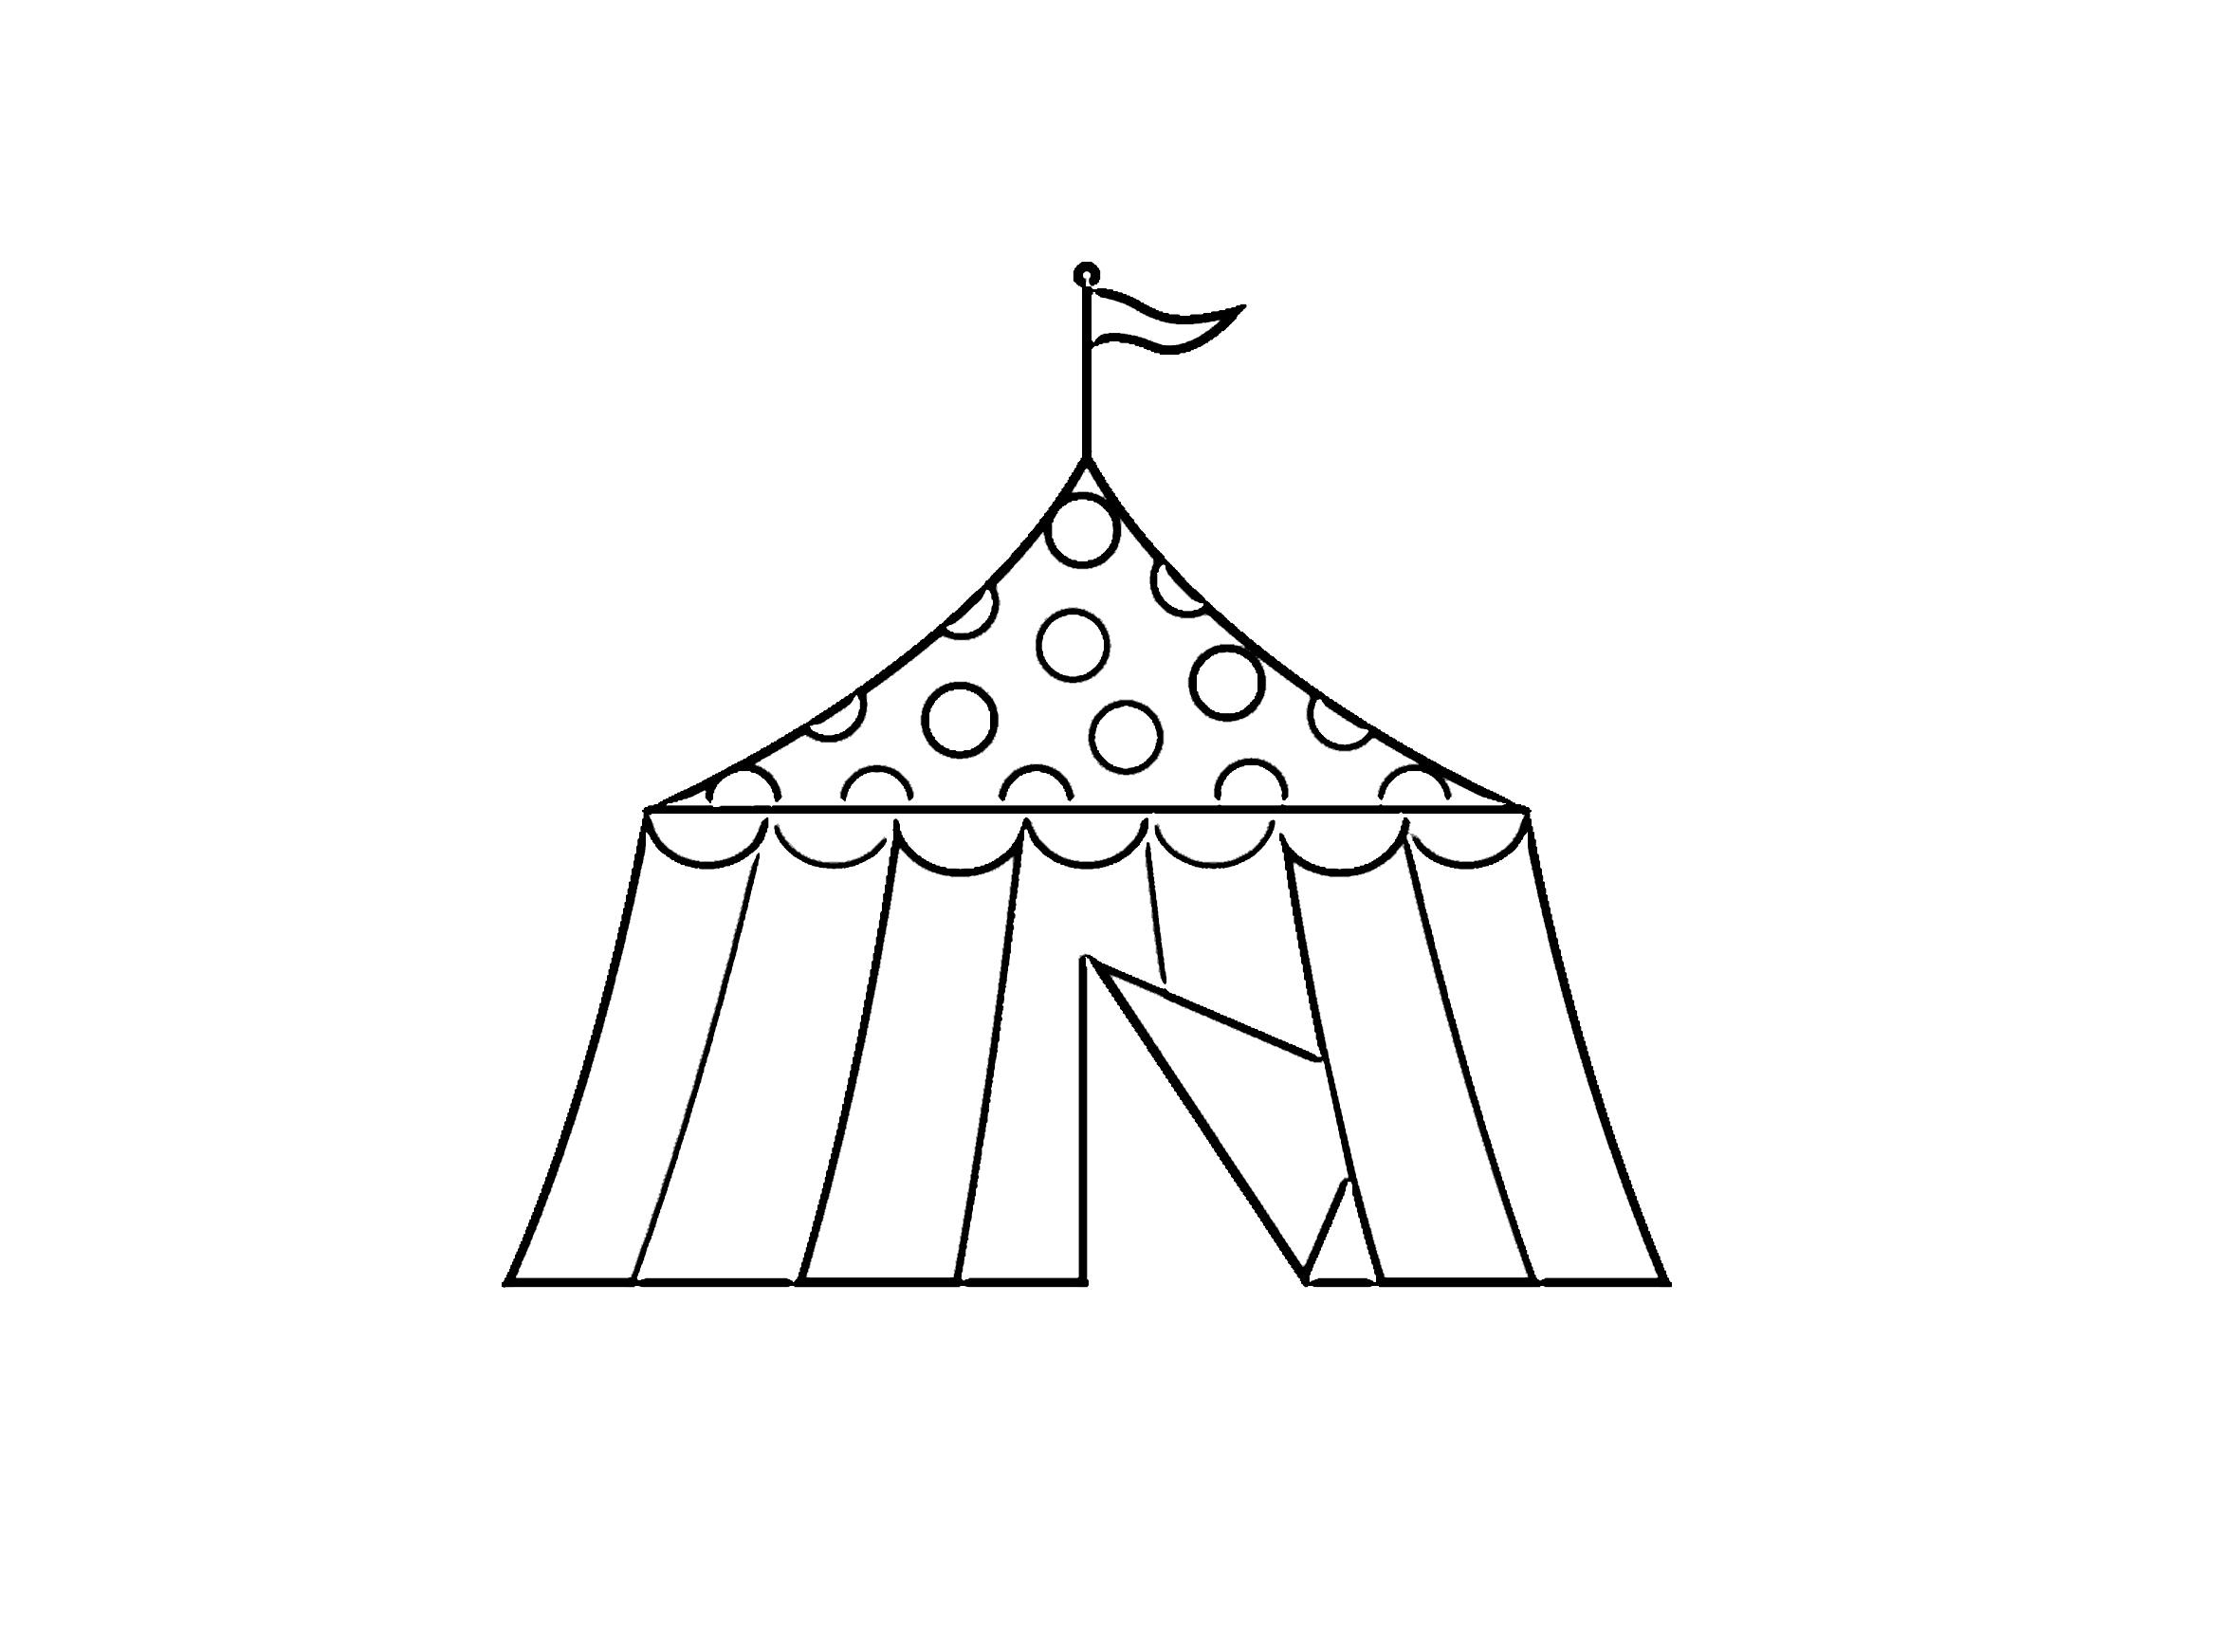 zirkus ausmalbilder kostenlos malvorlagen windowcolor zum